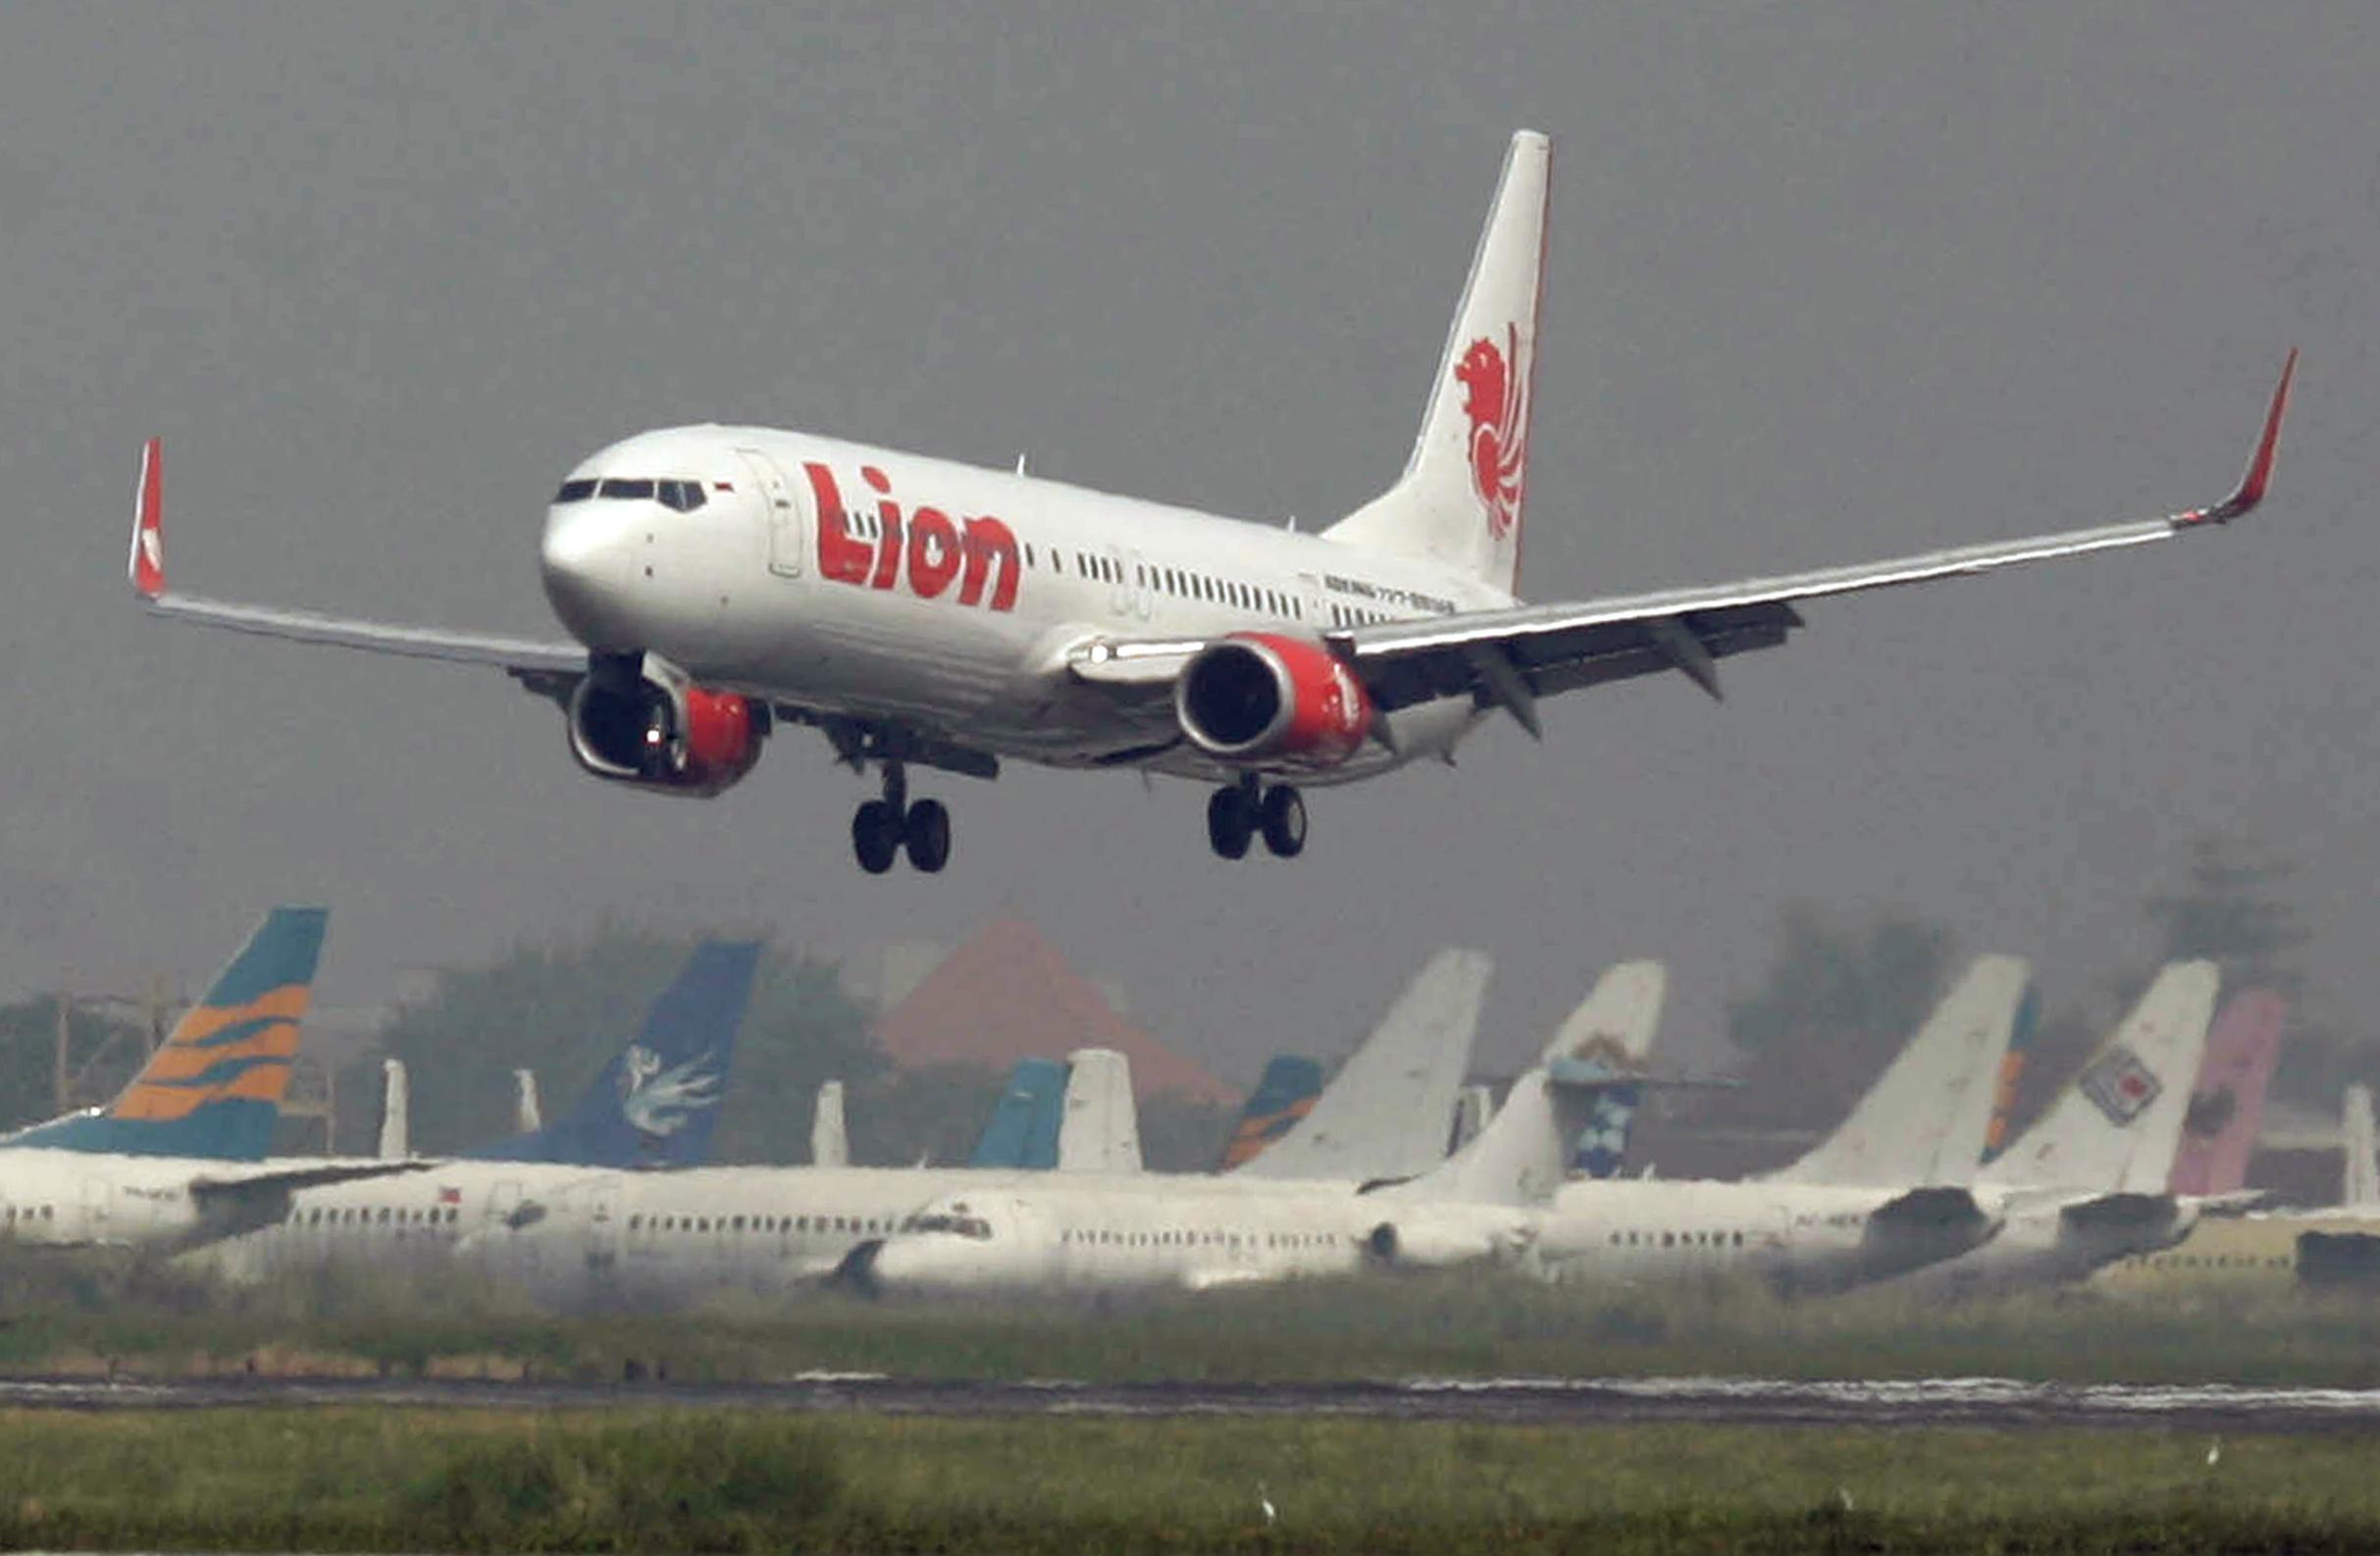 Lion-Air-Plane-taking-off-AP-Photo-Trisnadi_120512155595